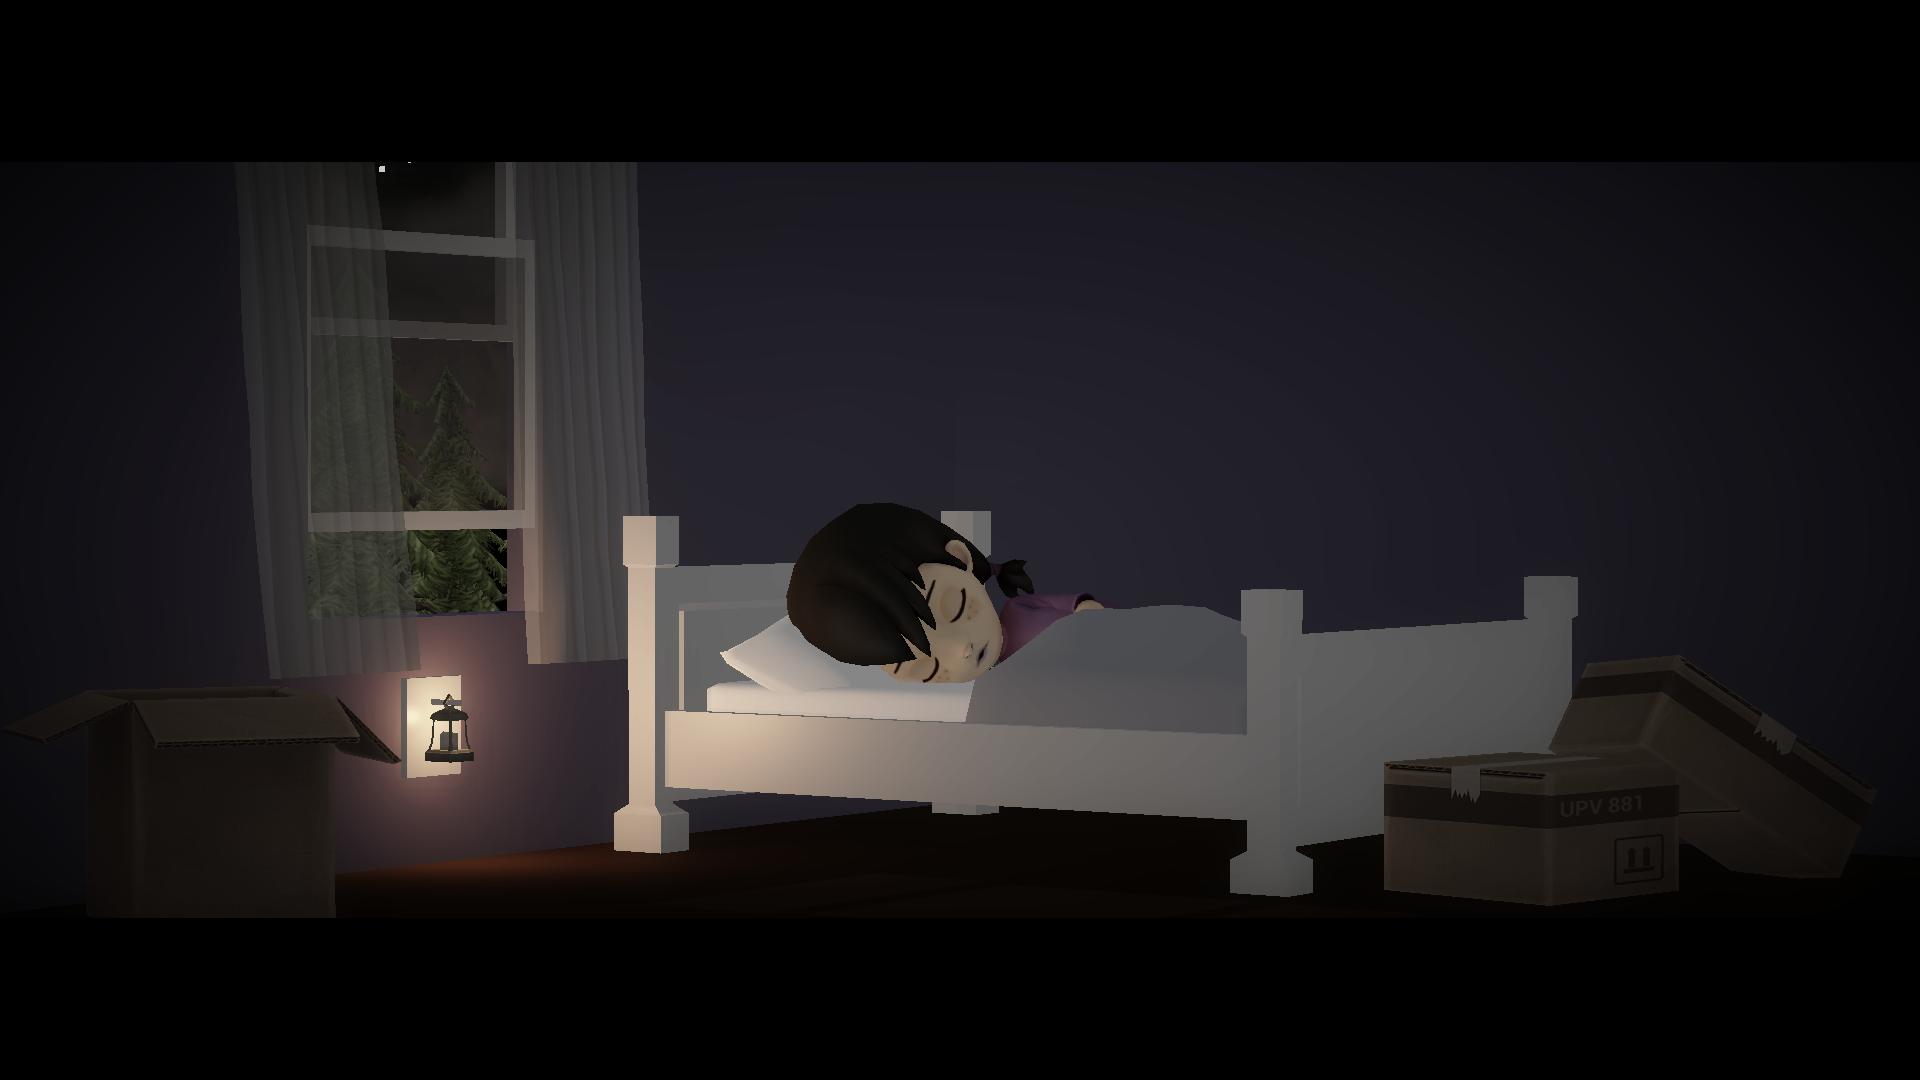 screenshot-the-wandering-dark-01.png